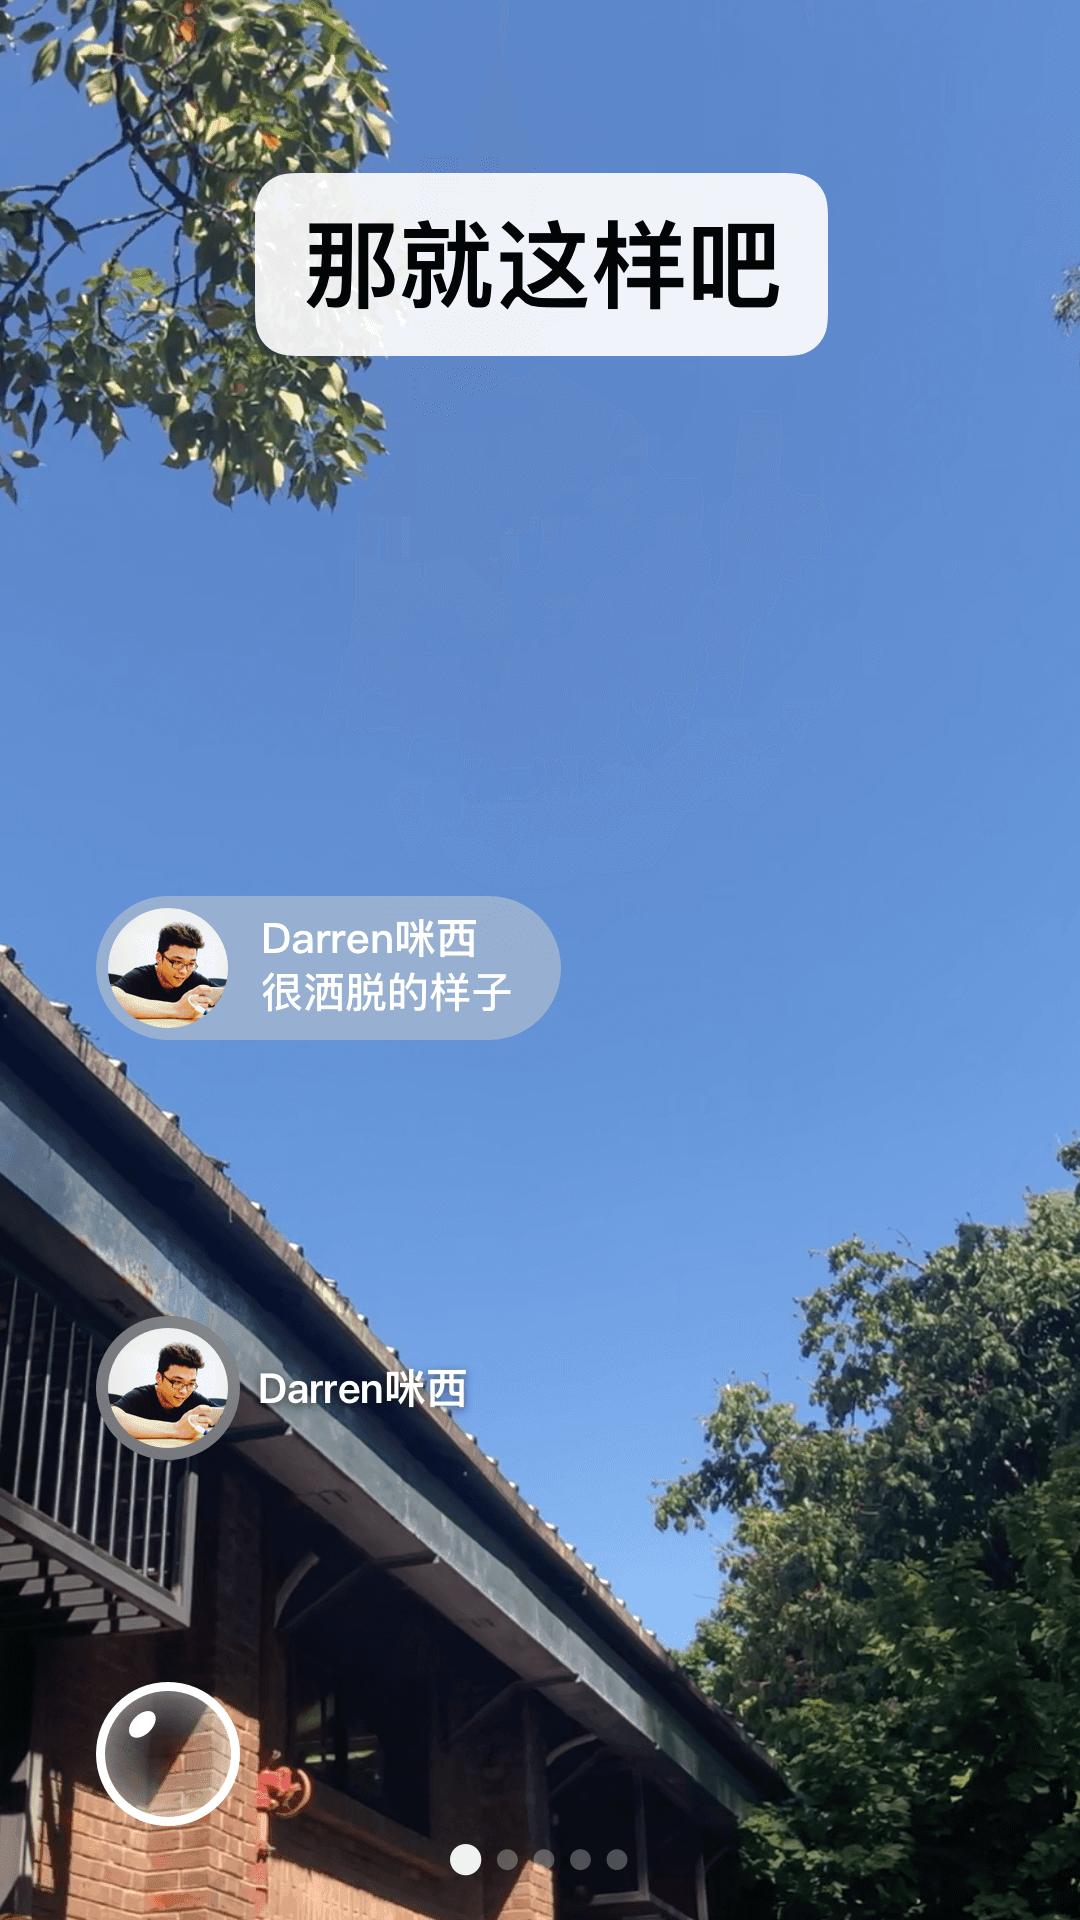 微信7.0.3安卓版图1